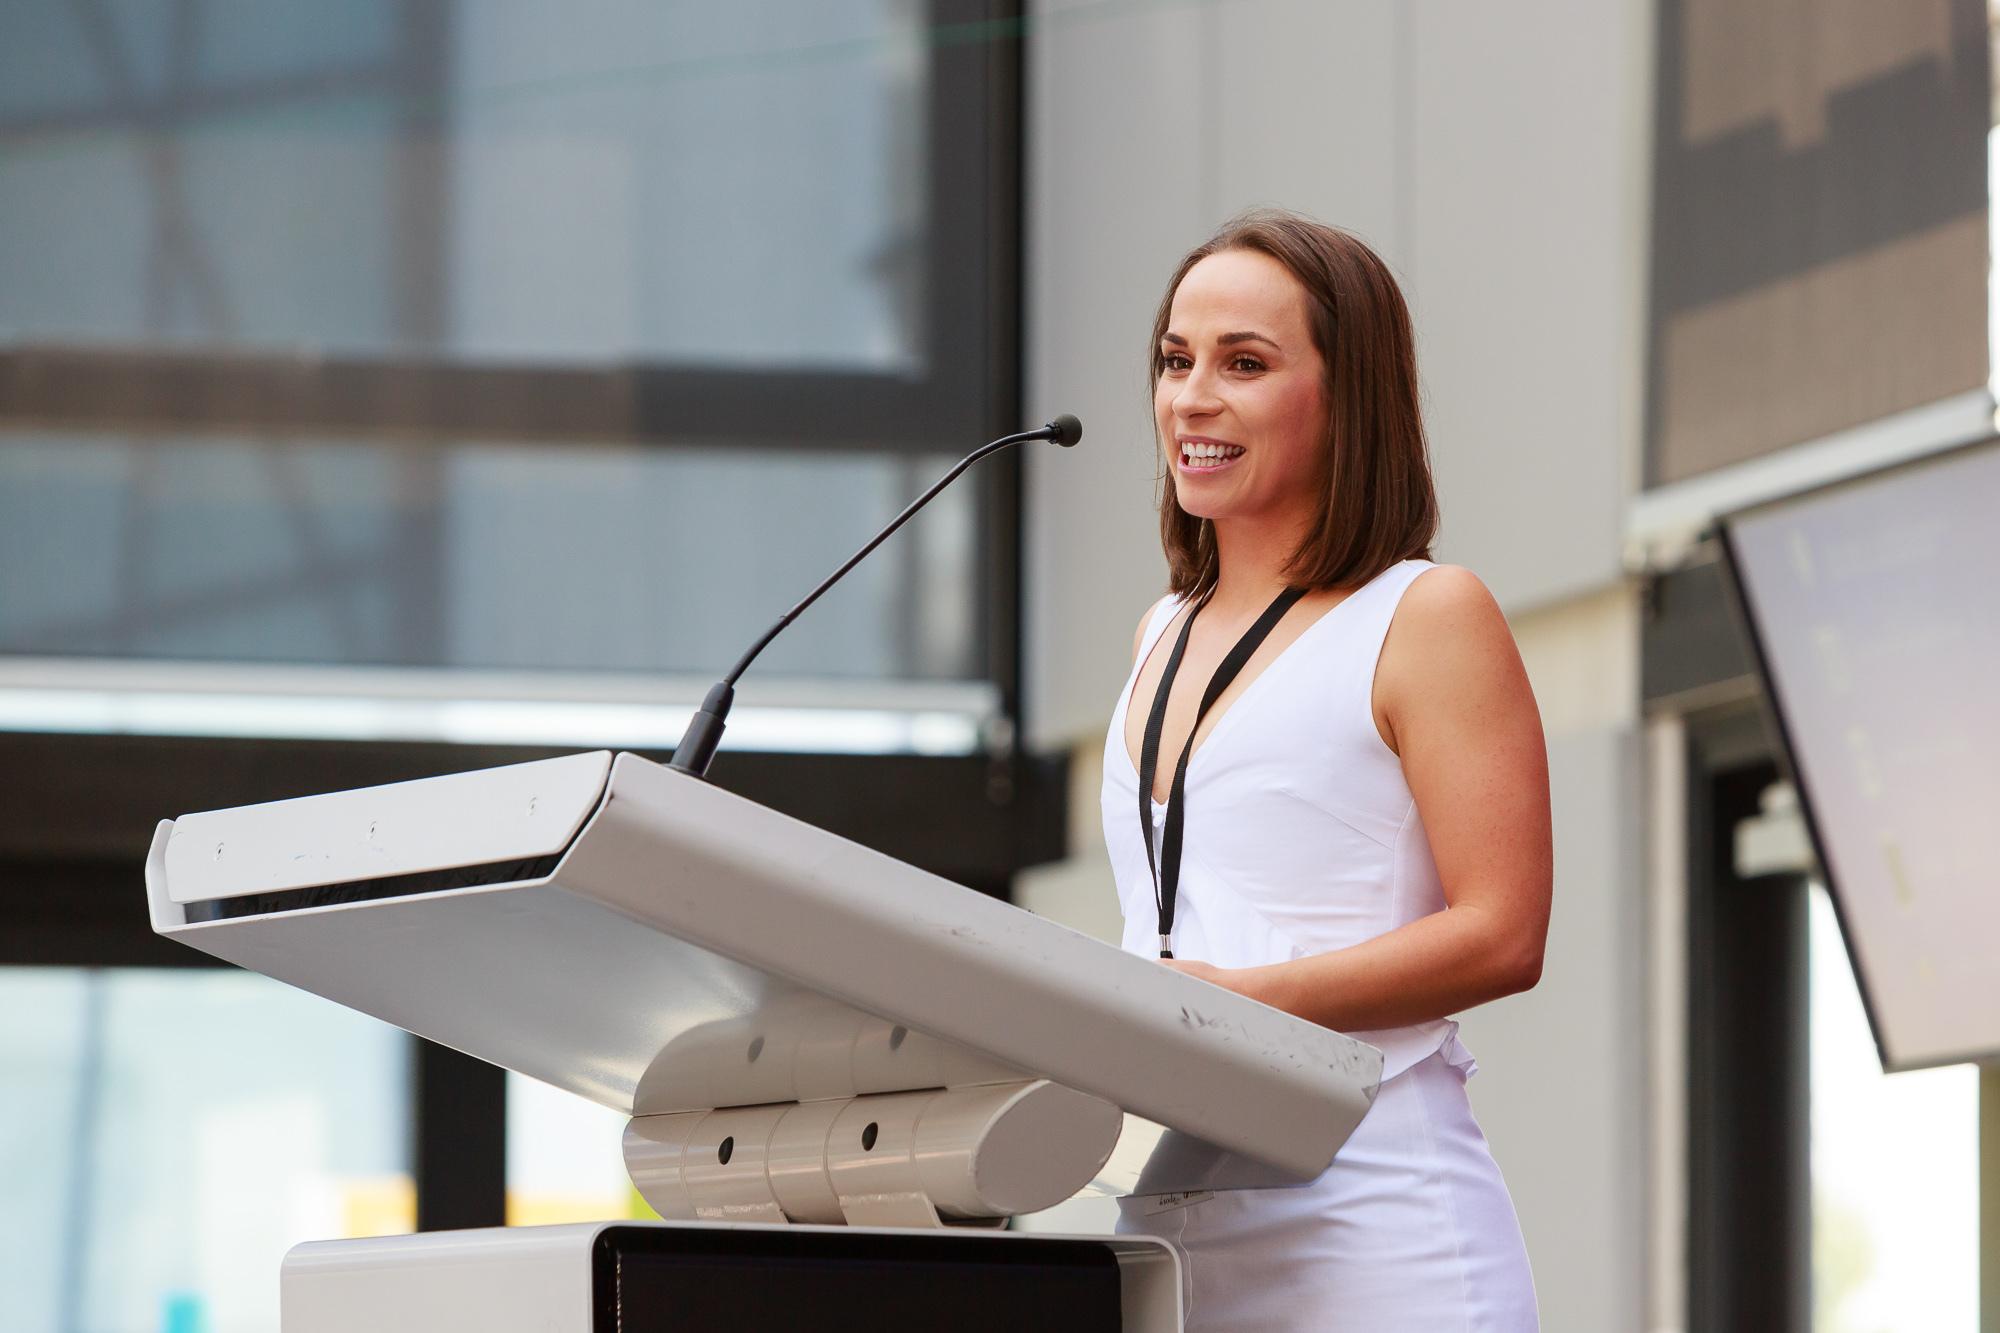 Grants announced for female entrepreneurs